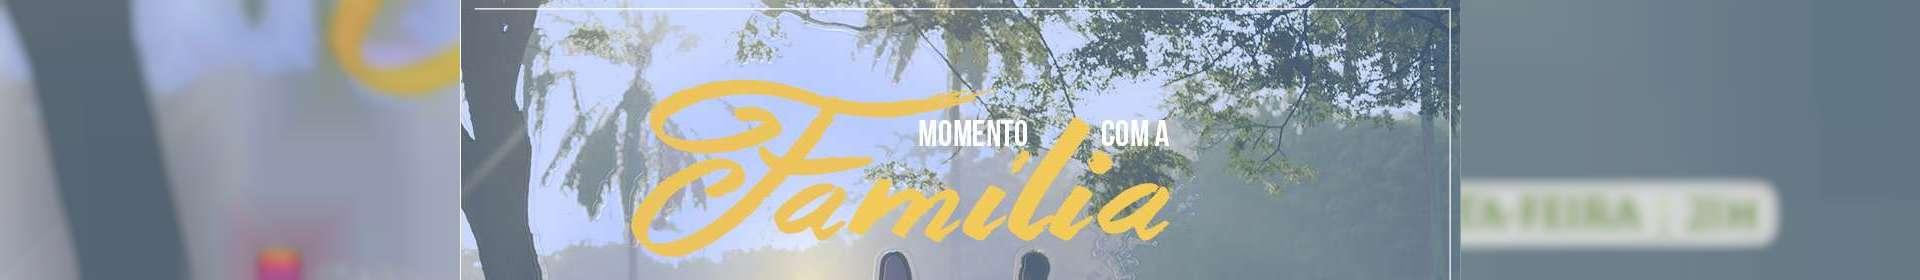 Momento com a Família - 19/07/2019